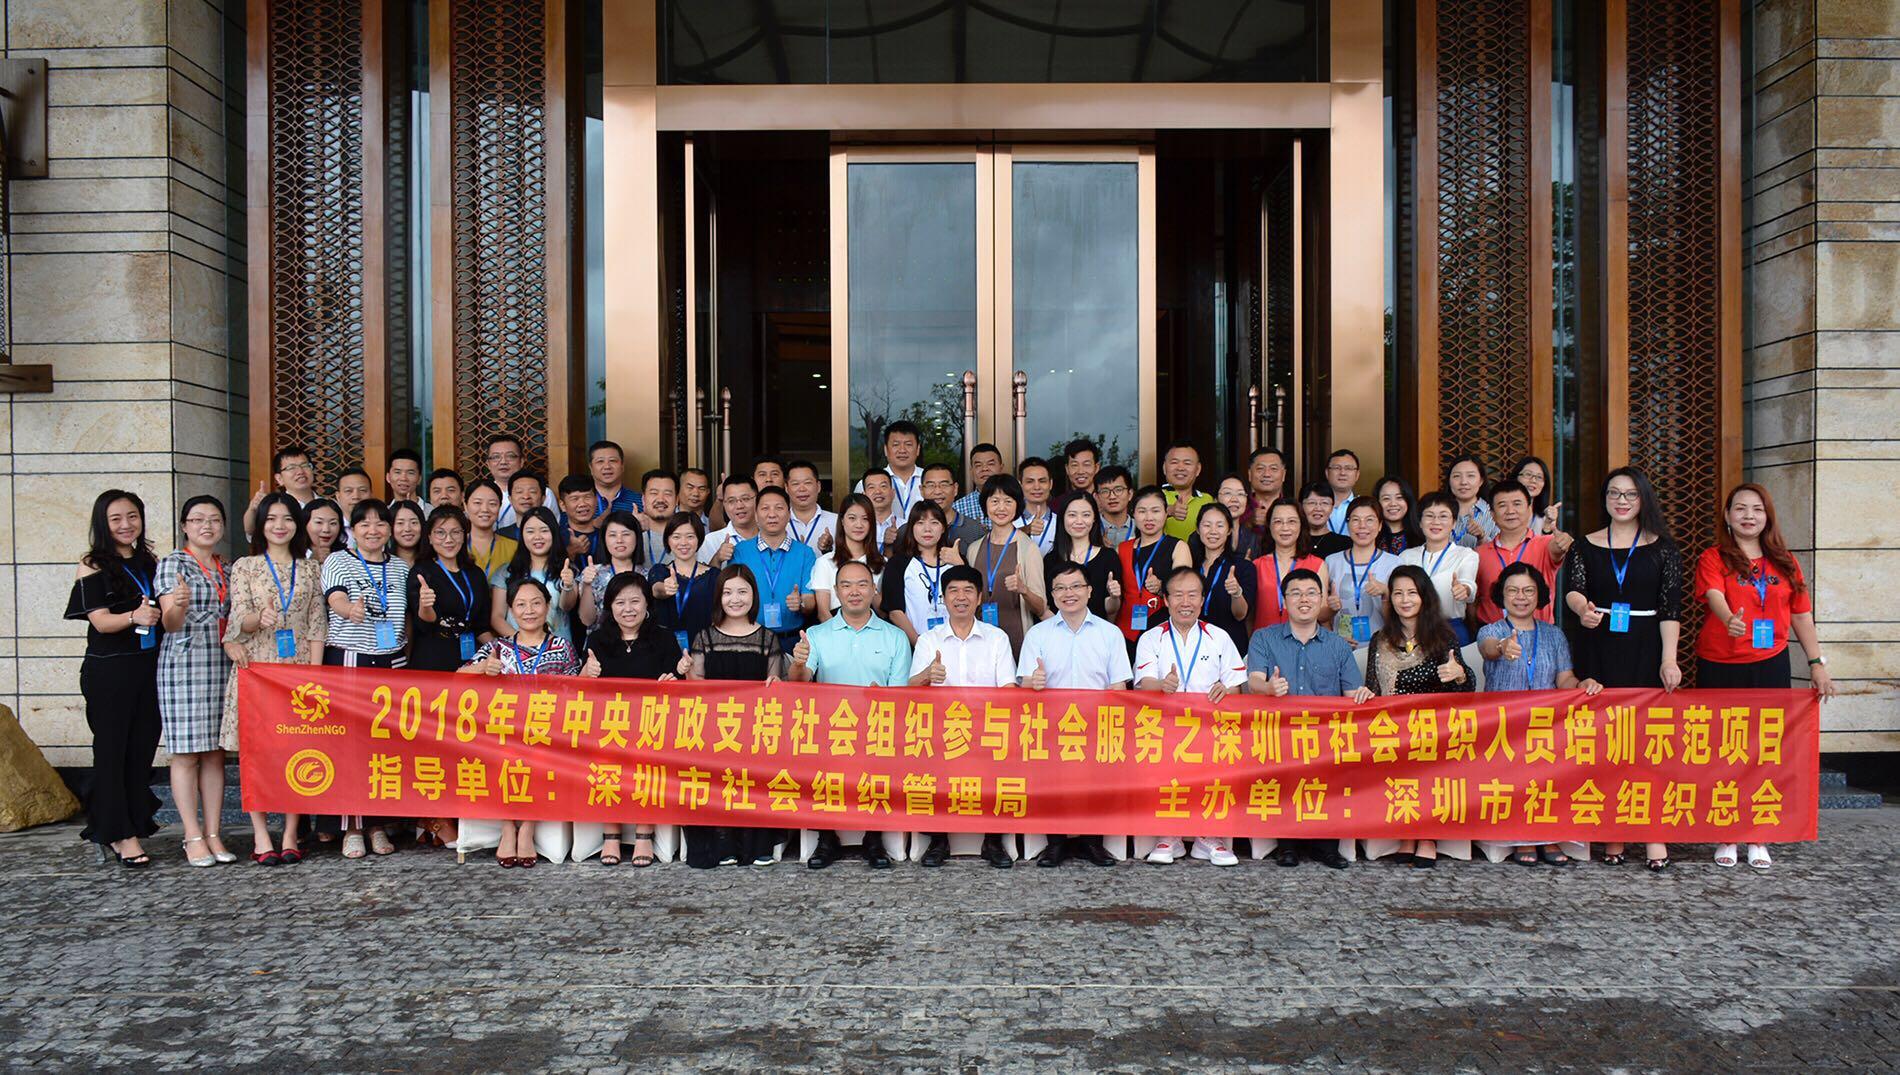 2018中央财政支持项目深圳市行业协会、商会负责人培训班学习圆满结束